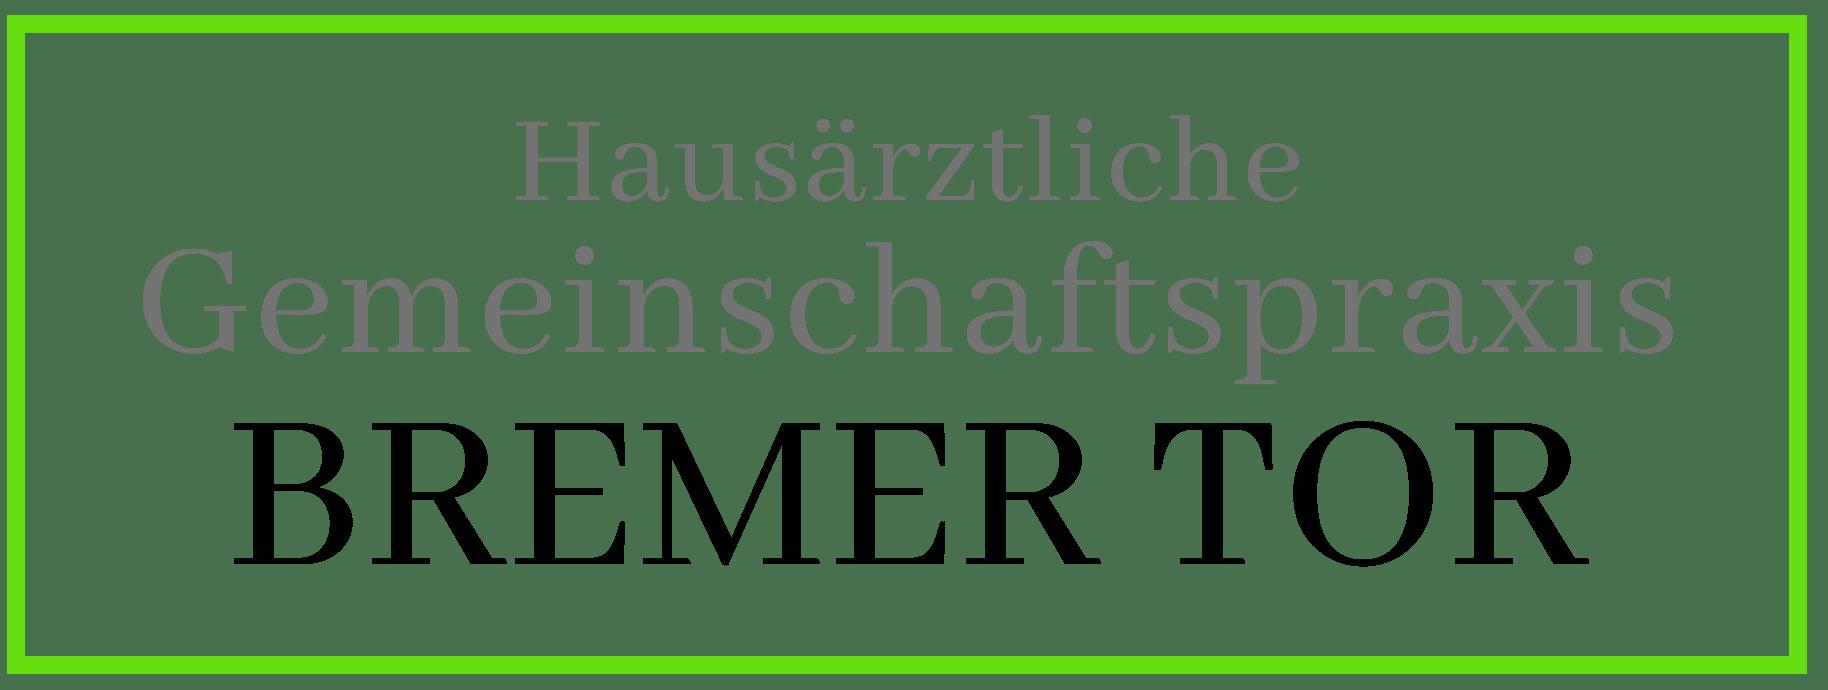 Gemeinschaftspraxis Bremer Tor